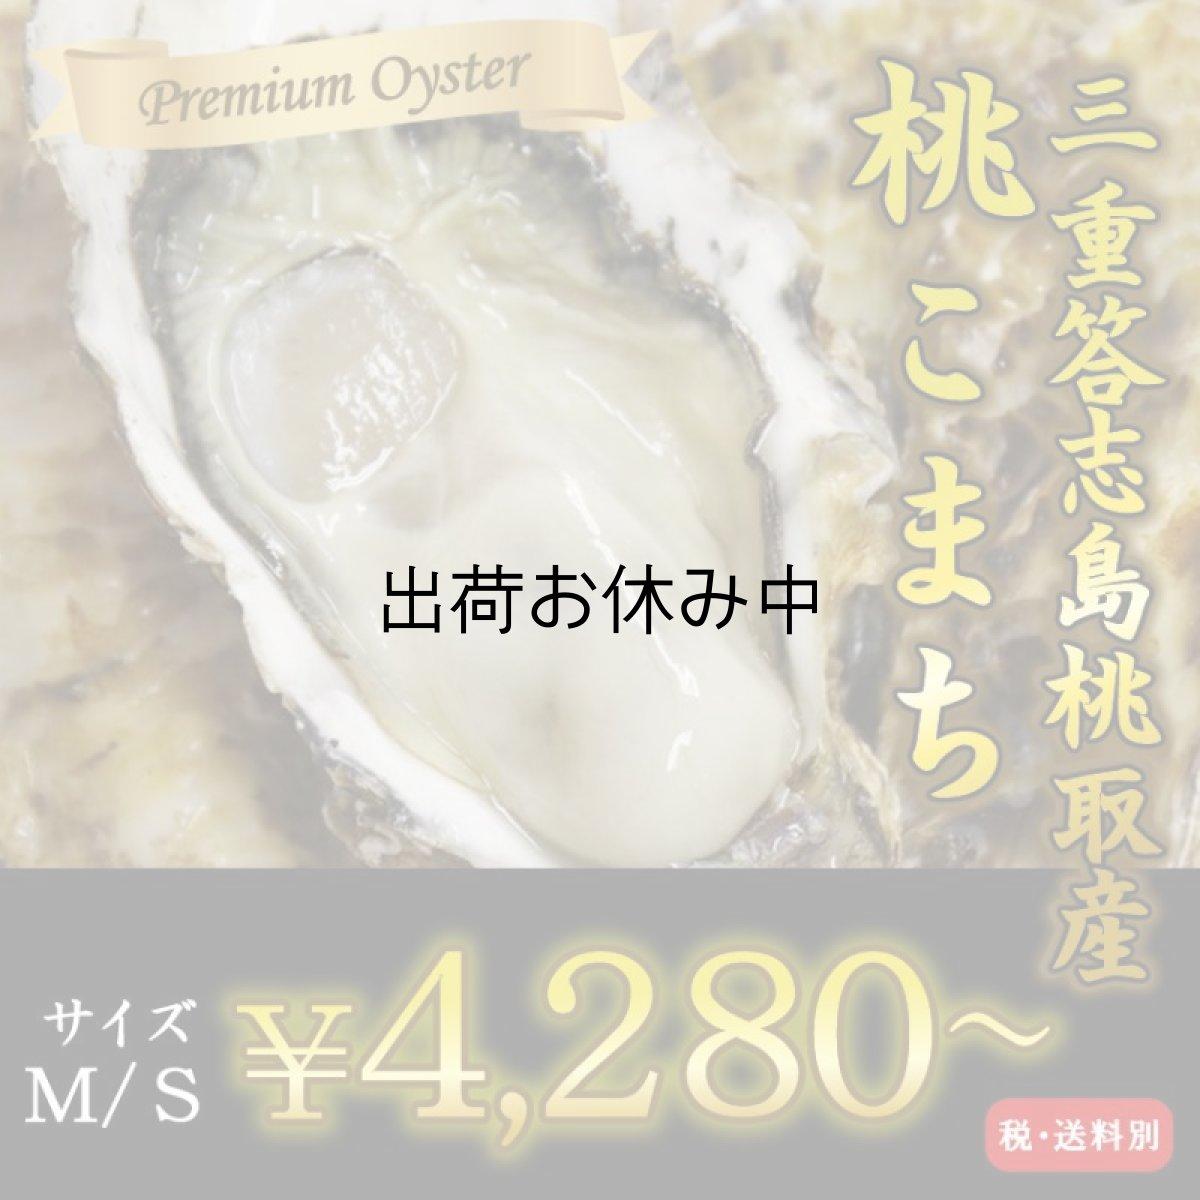 画像1: 三重答志島桃取産 桃こまち (1)